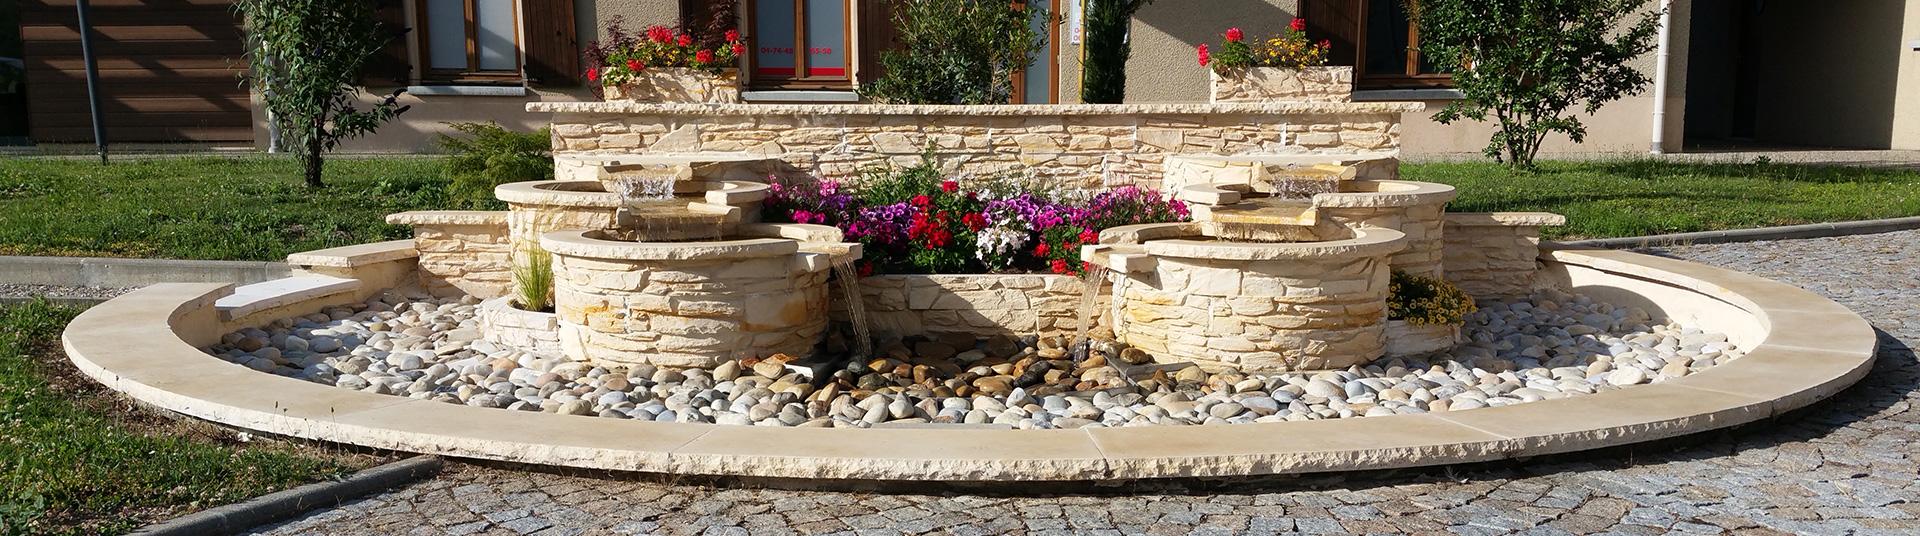 fontaine en pierre reconstitu e pour ext rieur fontaine murale. Black Bedroom Furniture Sets. Home Design Ideas